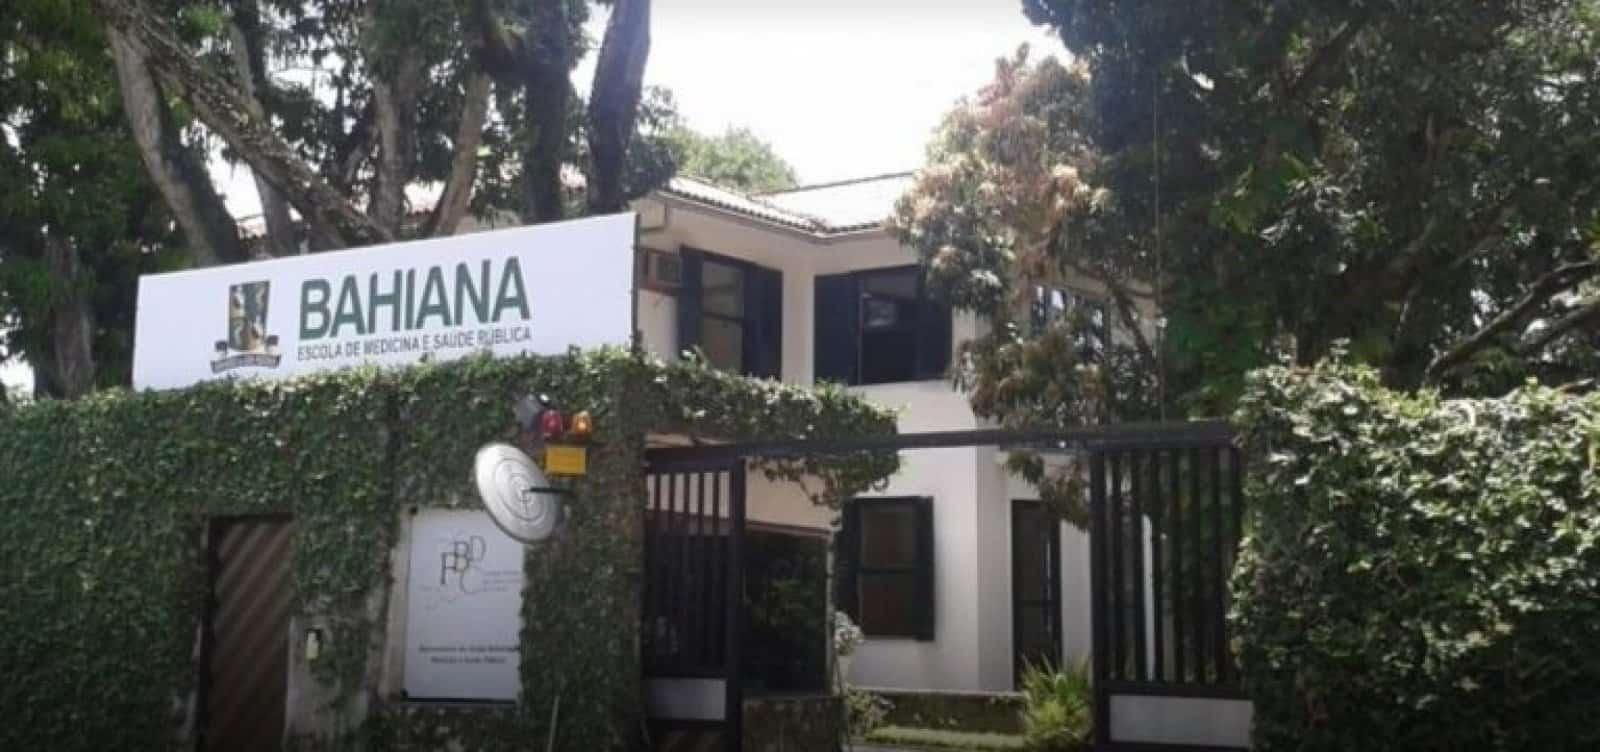 Escola Bahiana abre inscrições no processo seletivo via ENEM